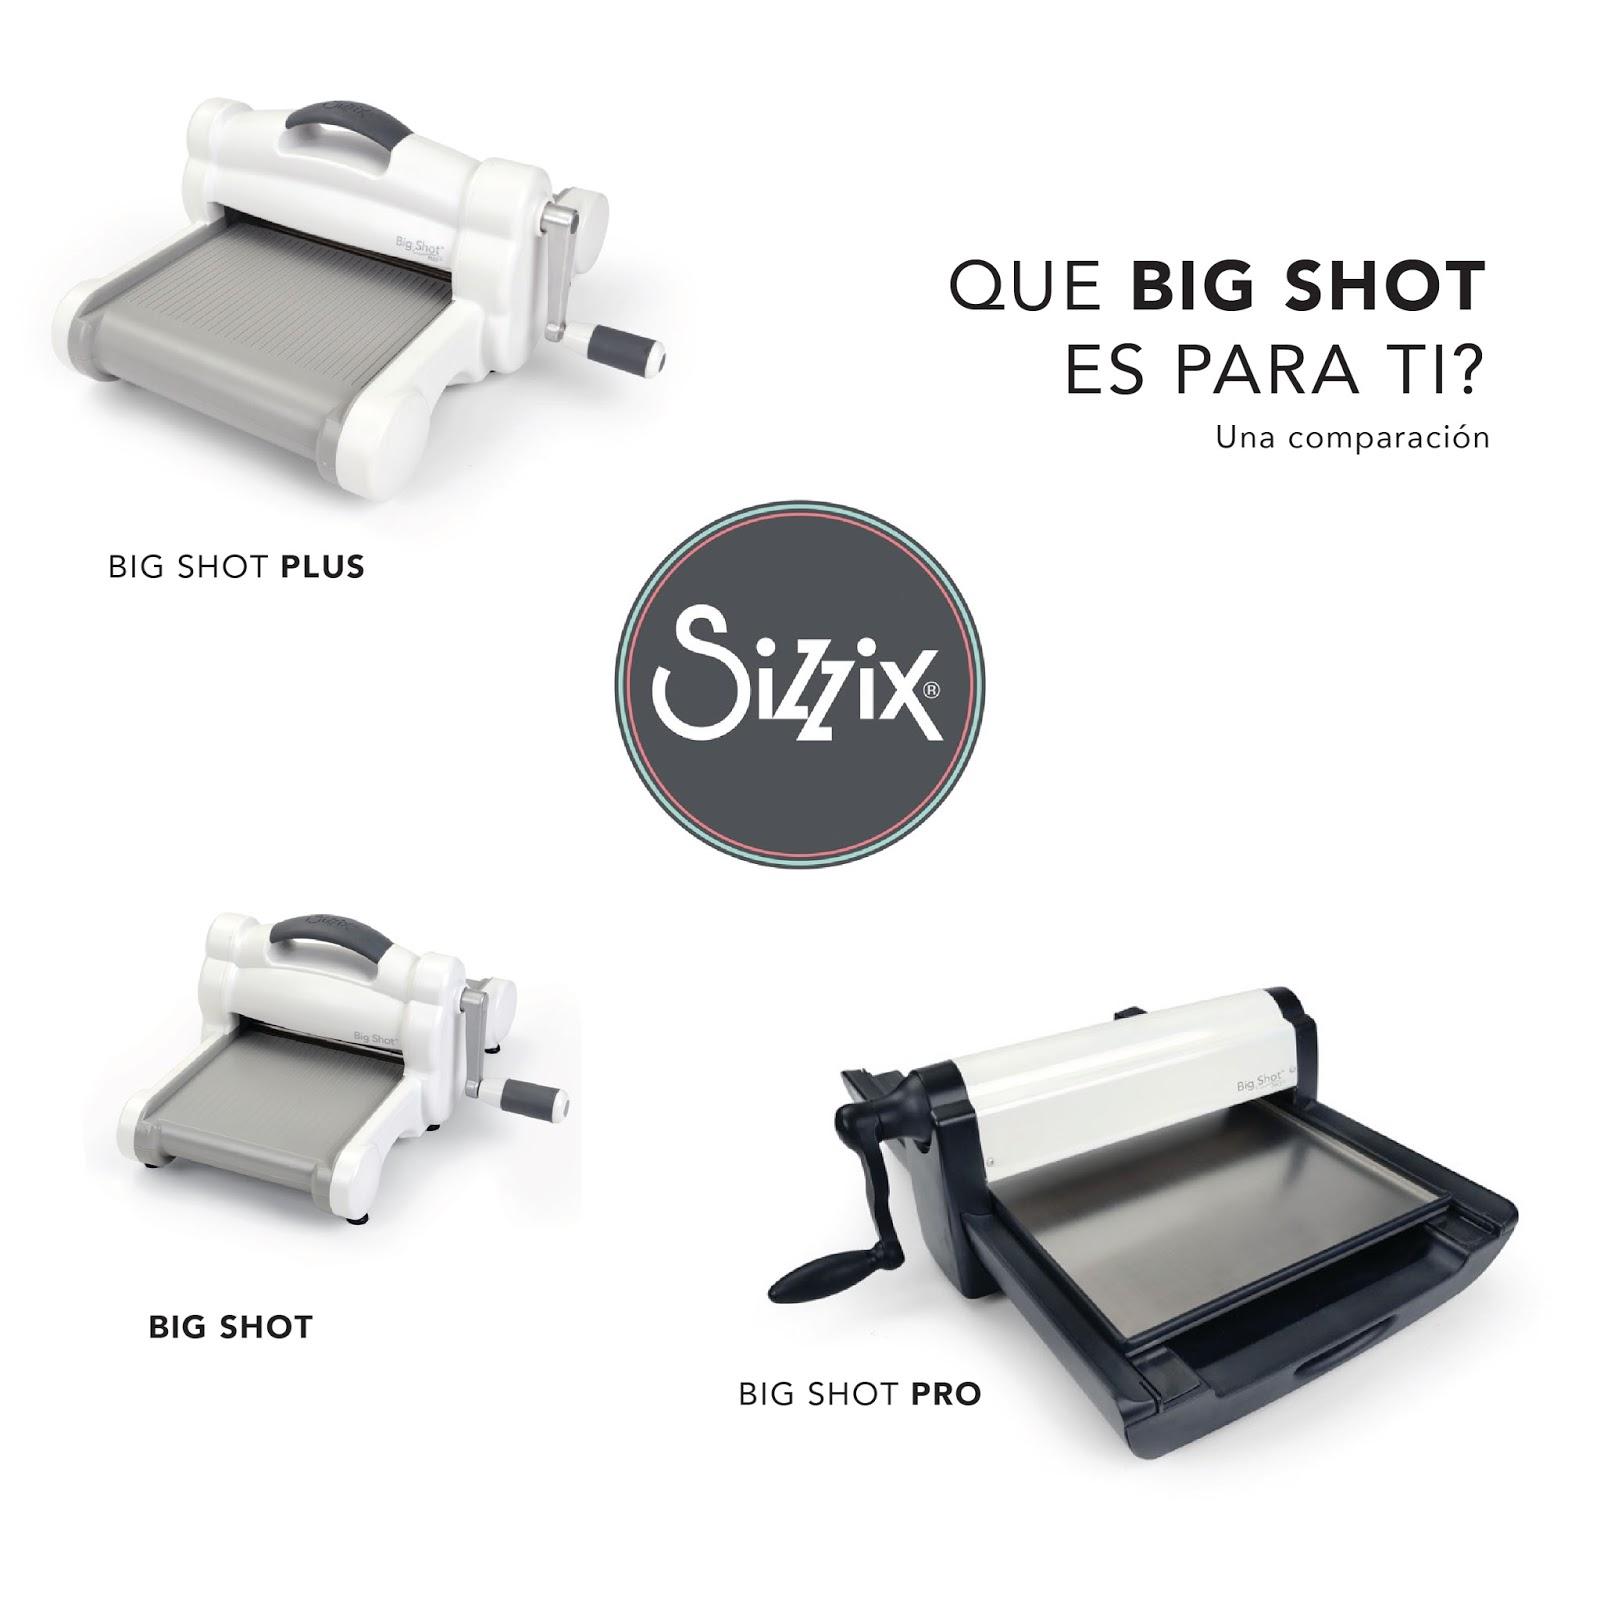 comparacion-big-shots-sizzix-03